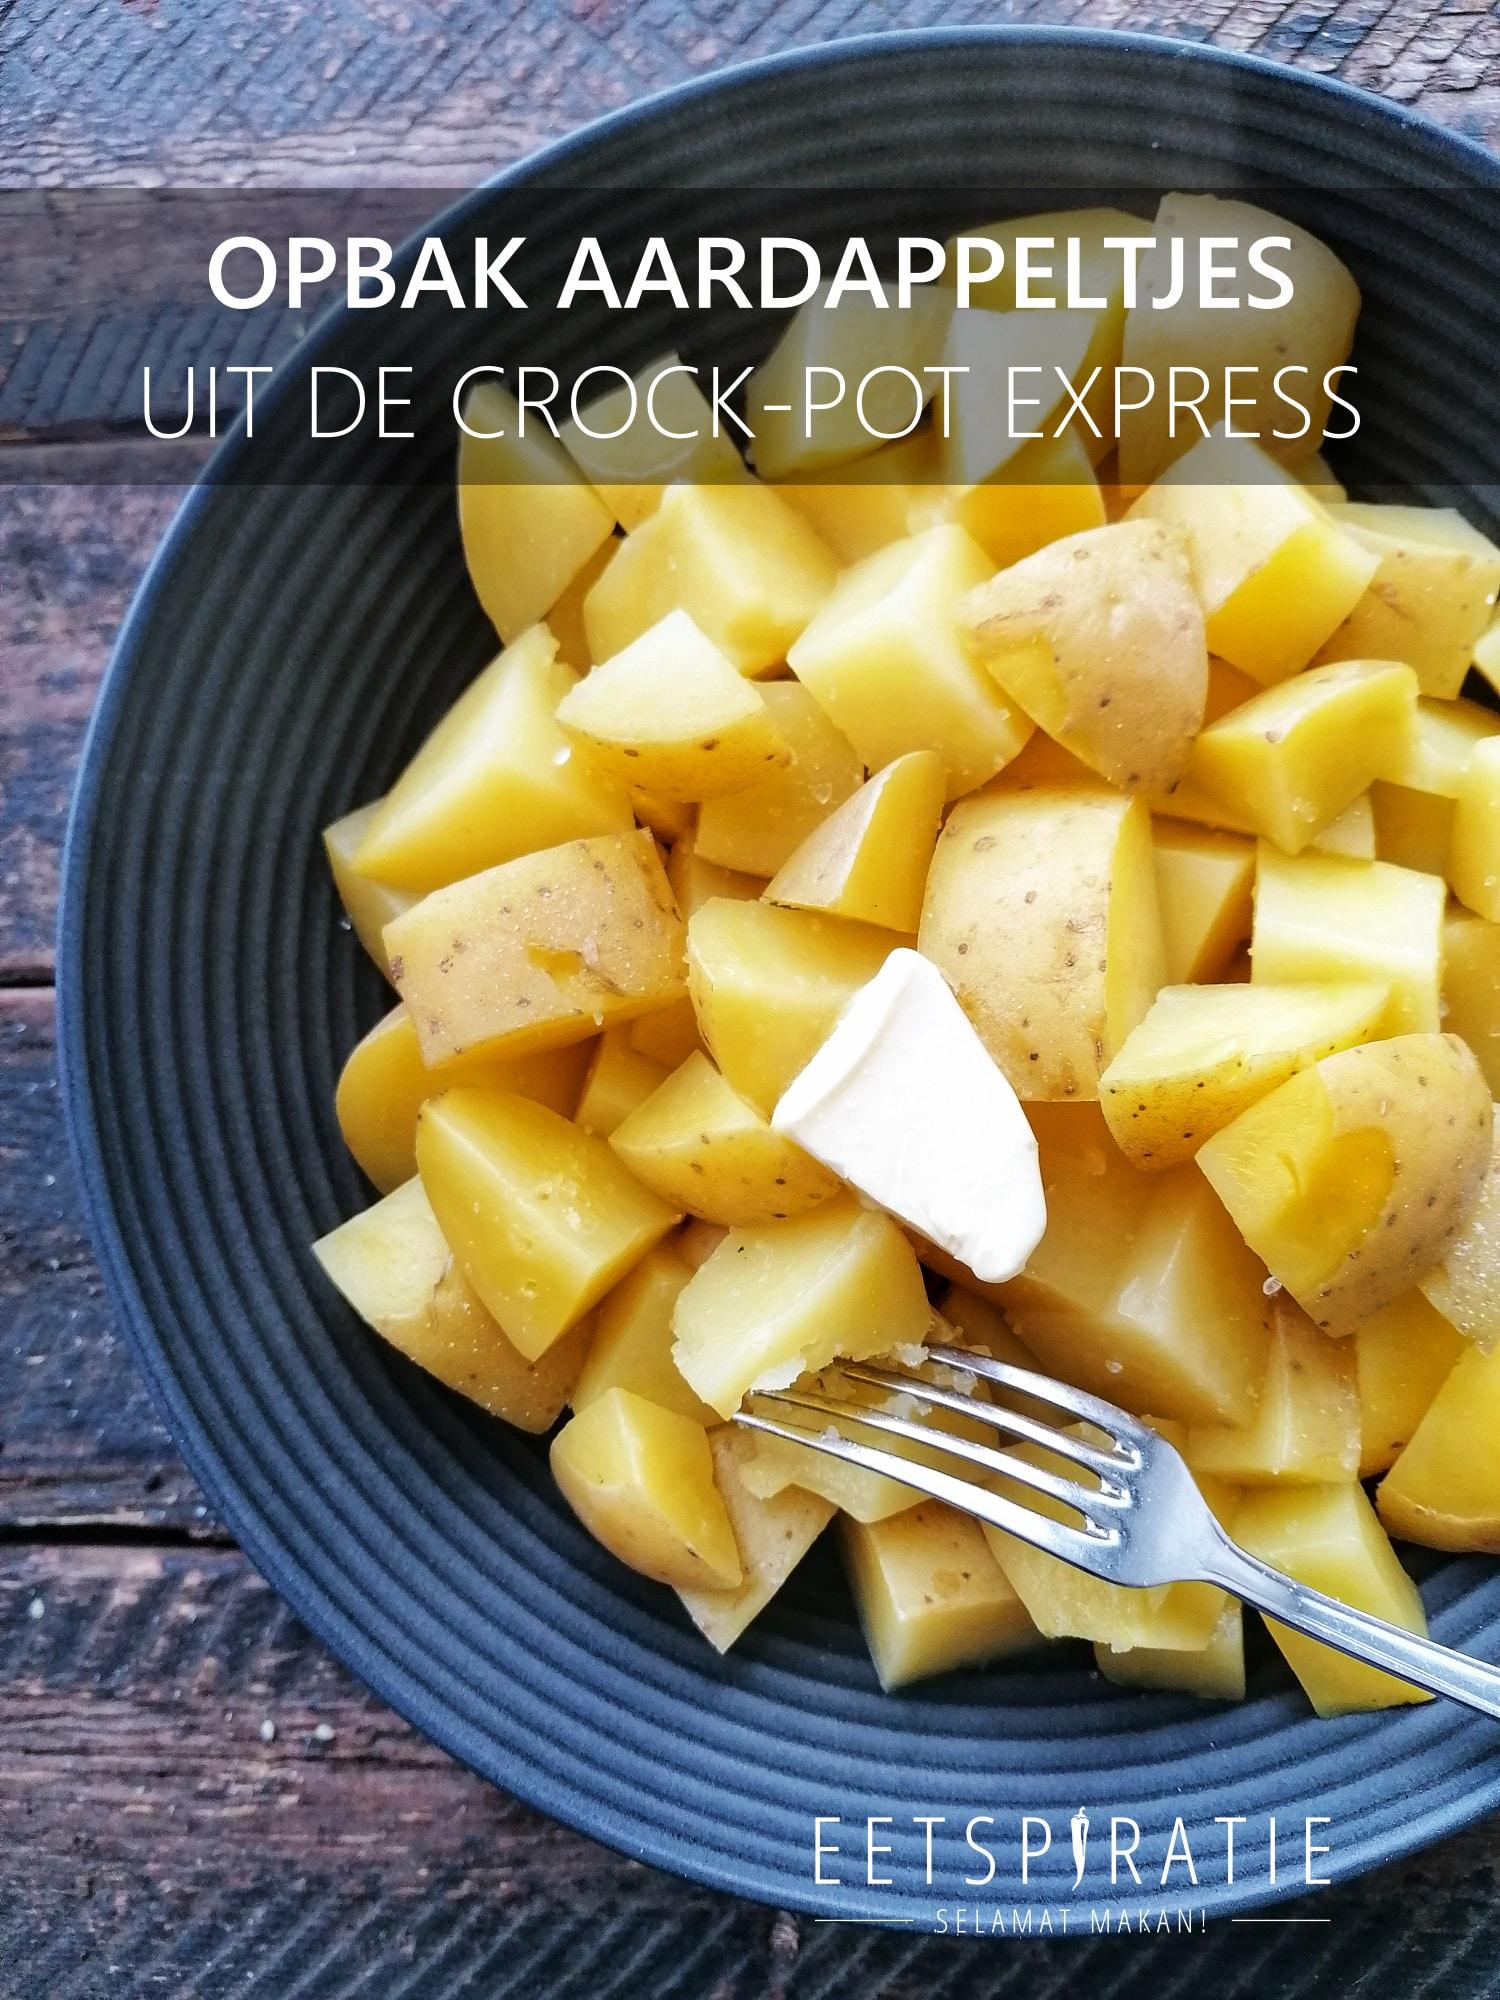 Opbak aardappeltjes uit de Crock-Pot Express